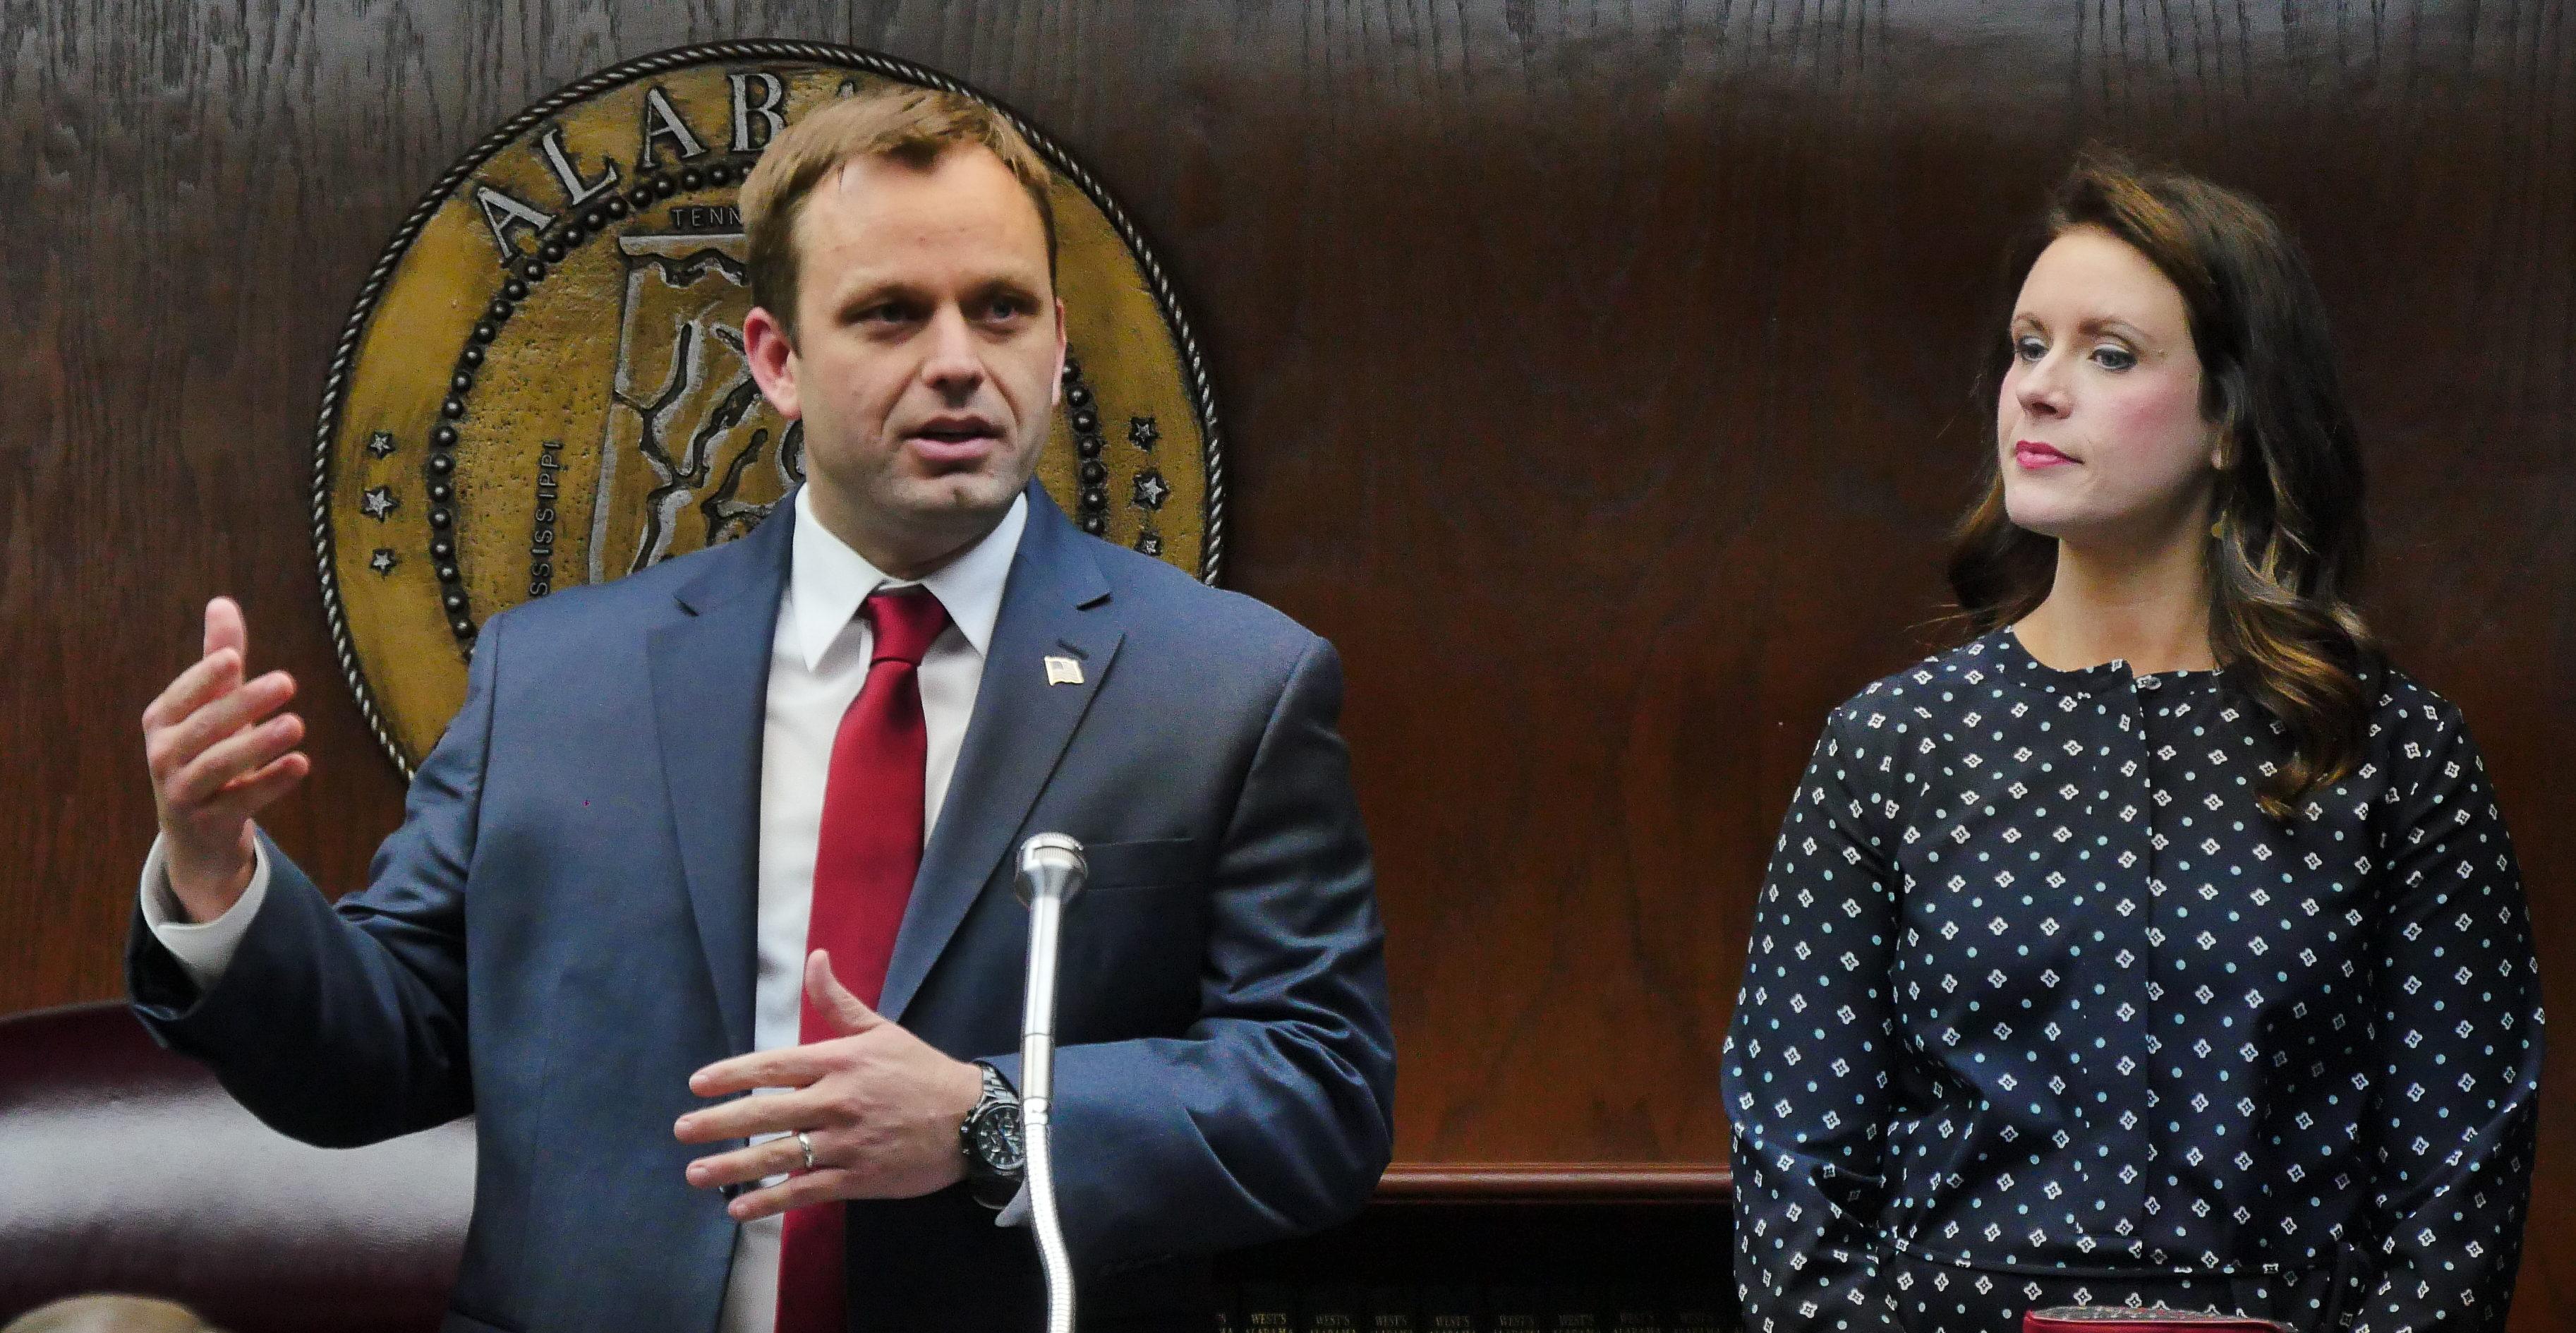 Barnett set to be Superintendent of Guntersville City Schools